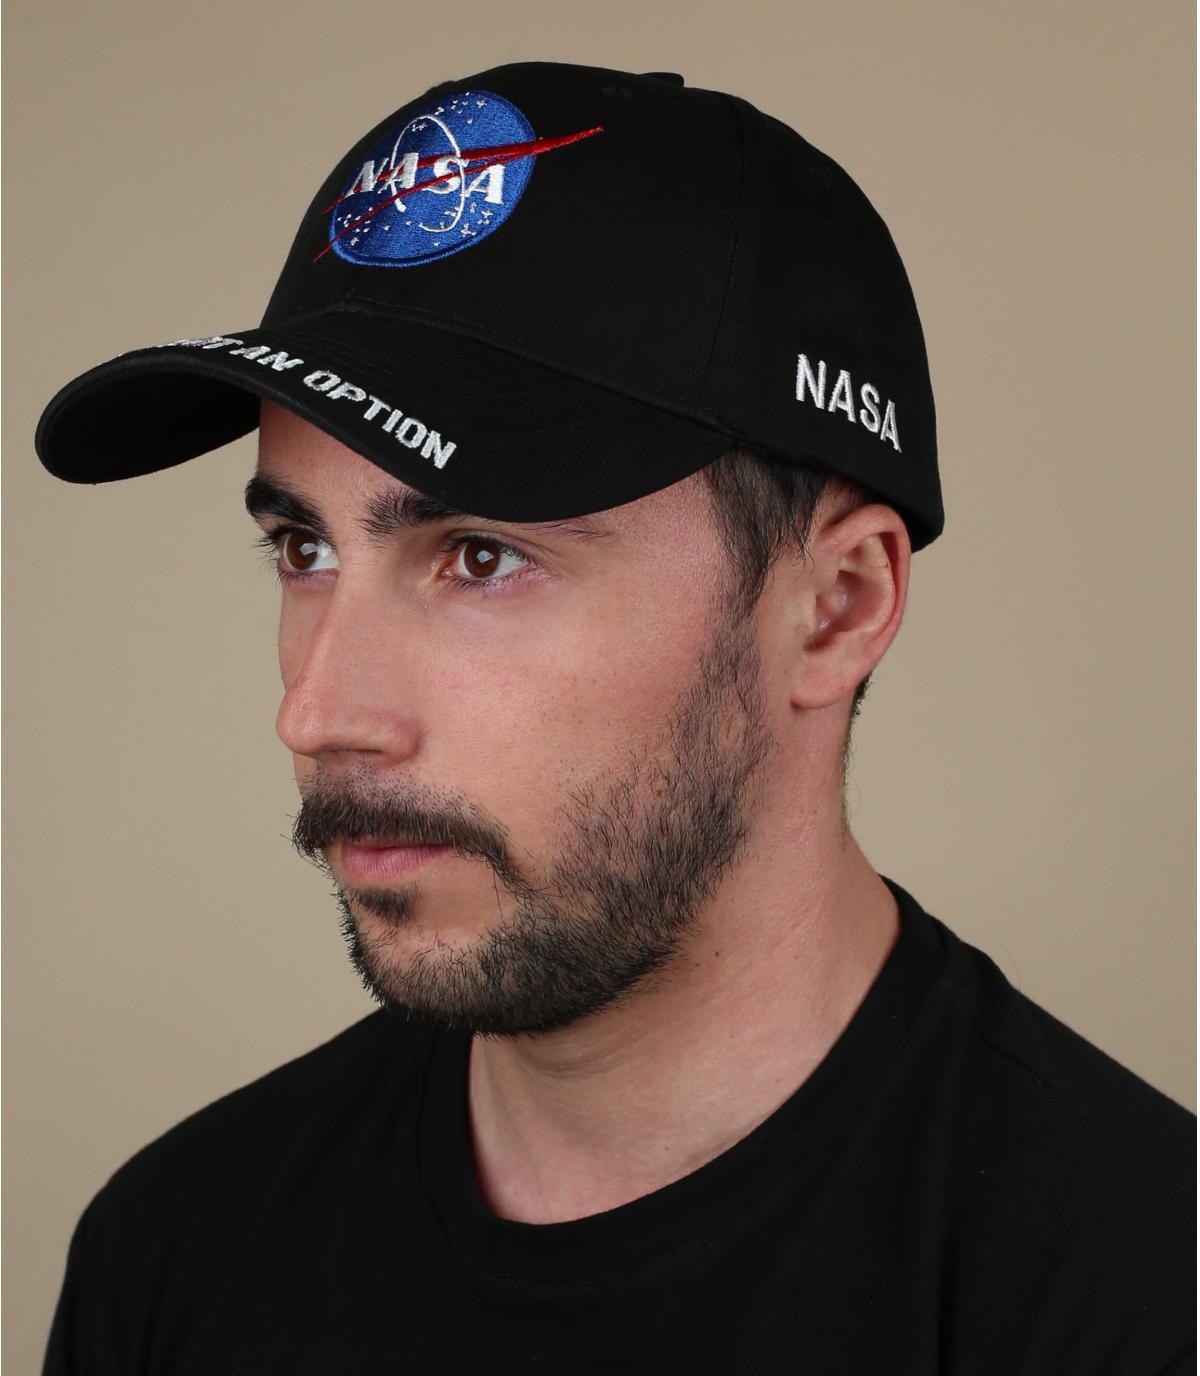 Cappellino nero della NASA